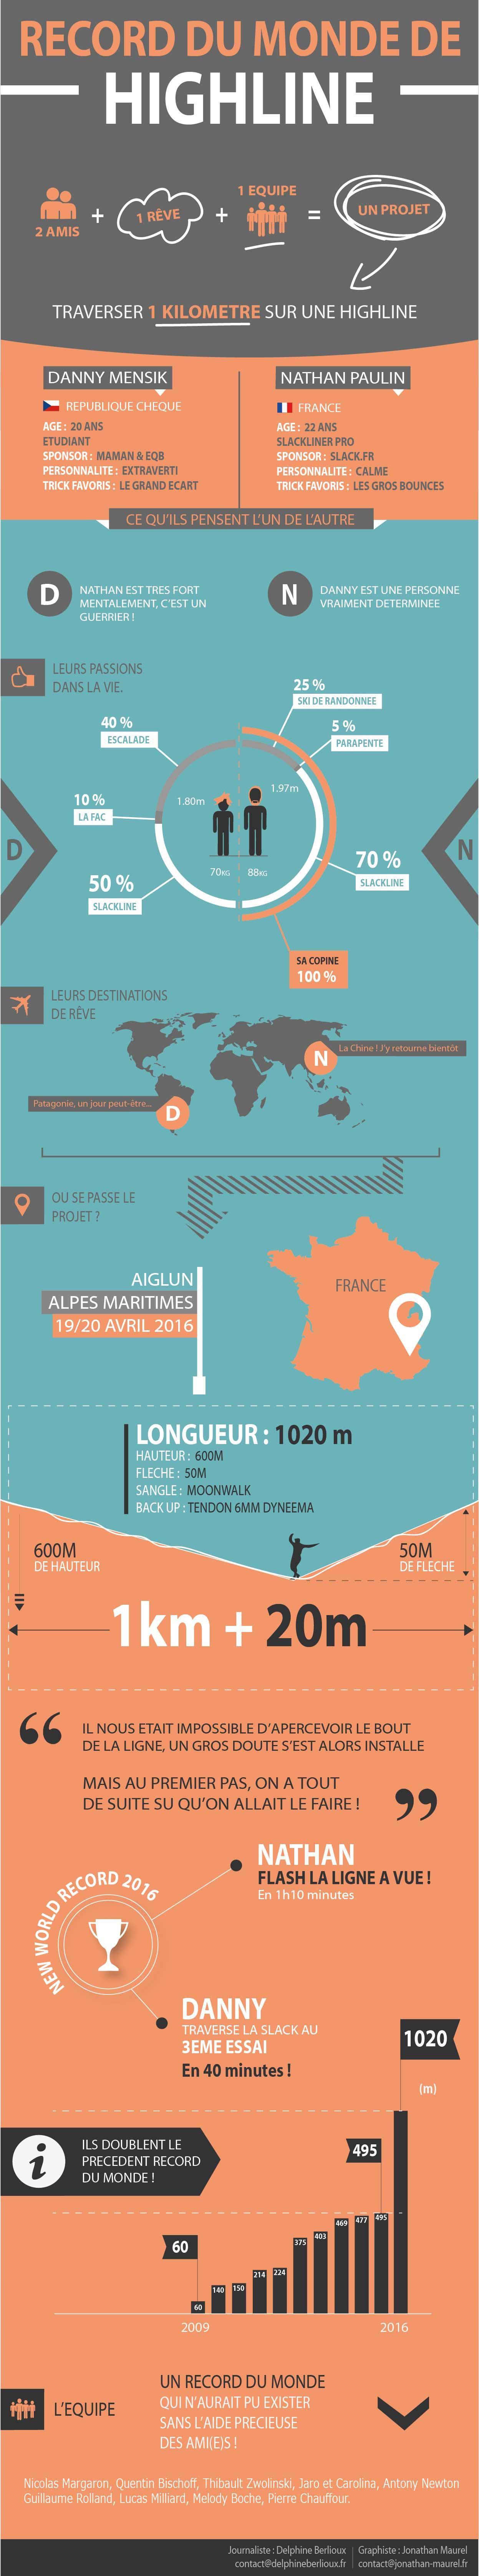 infographie record du monde highline par Jonathan Maurel et Delphine Berlioux (1)